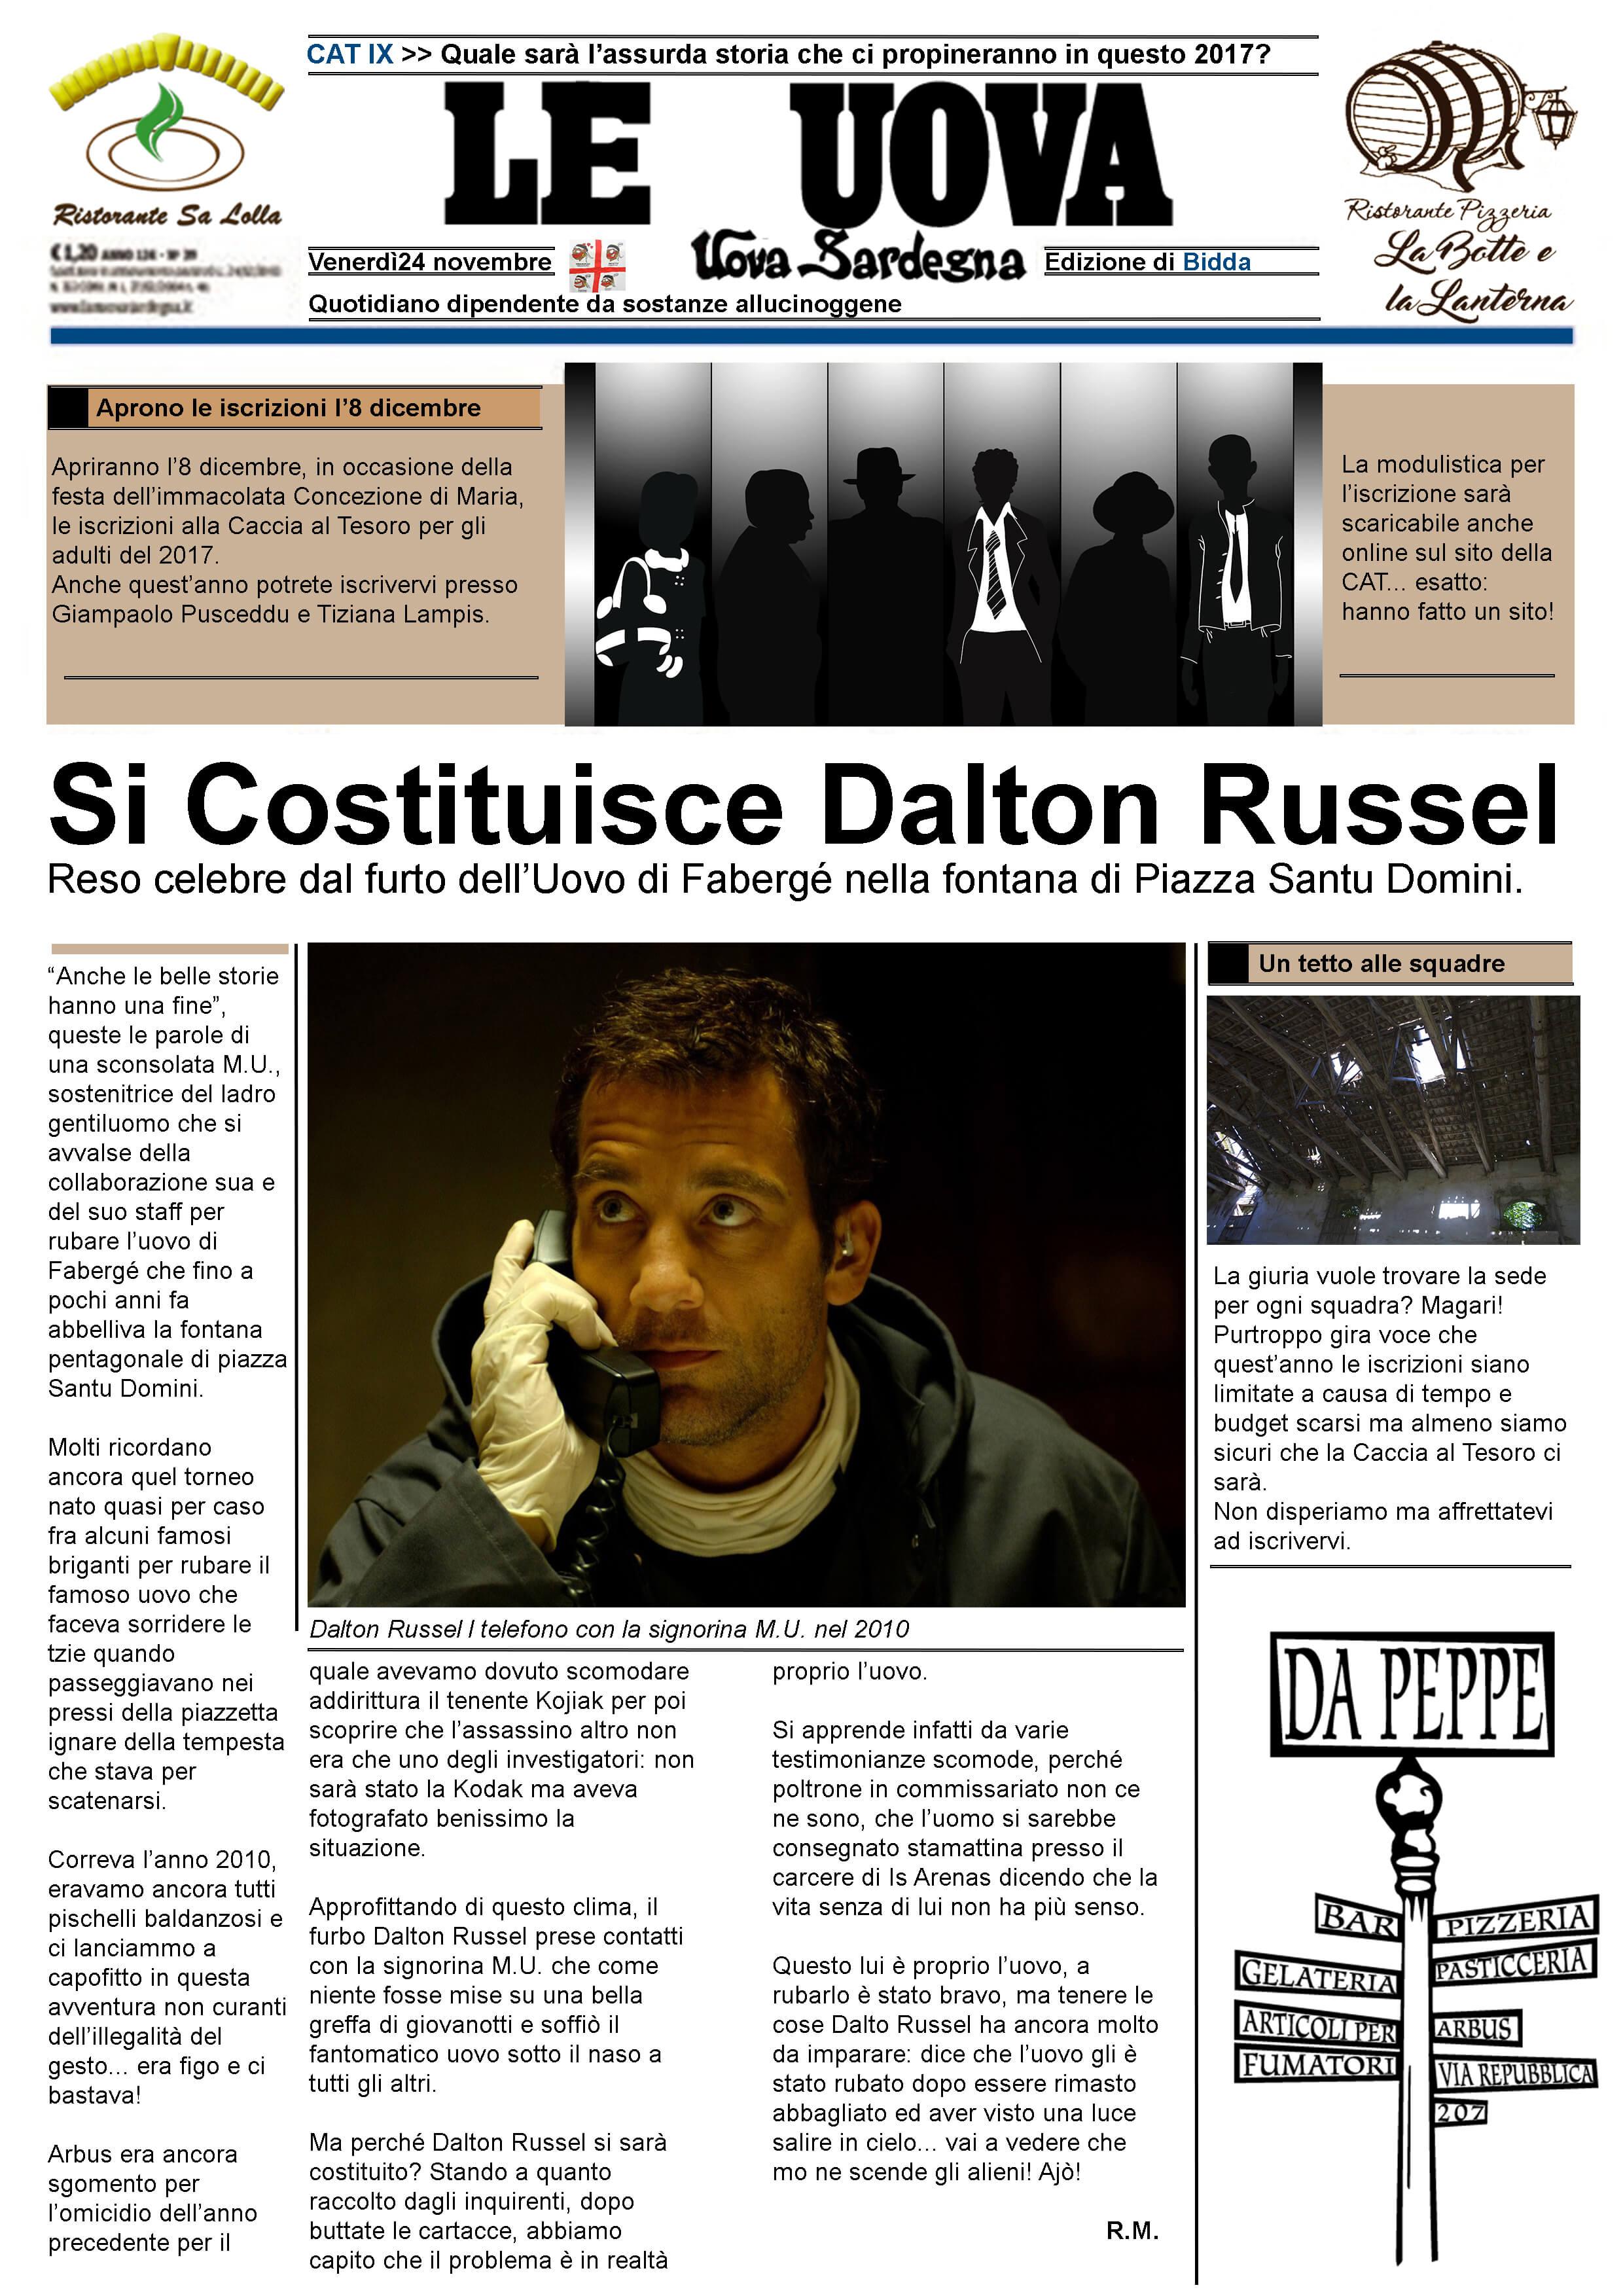 CAT III - Dalton Russel si costituisce